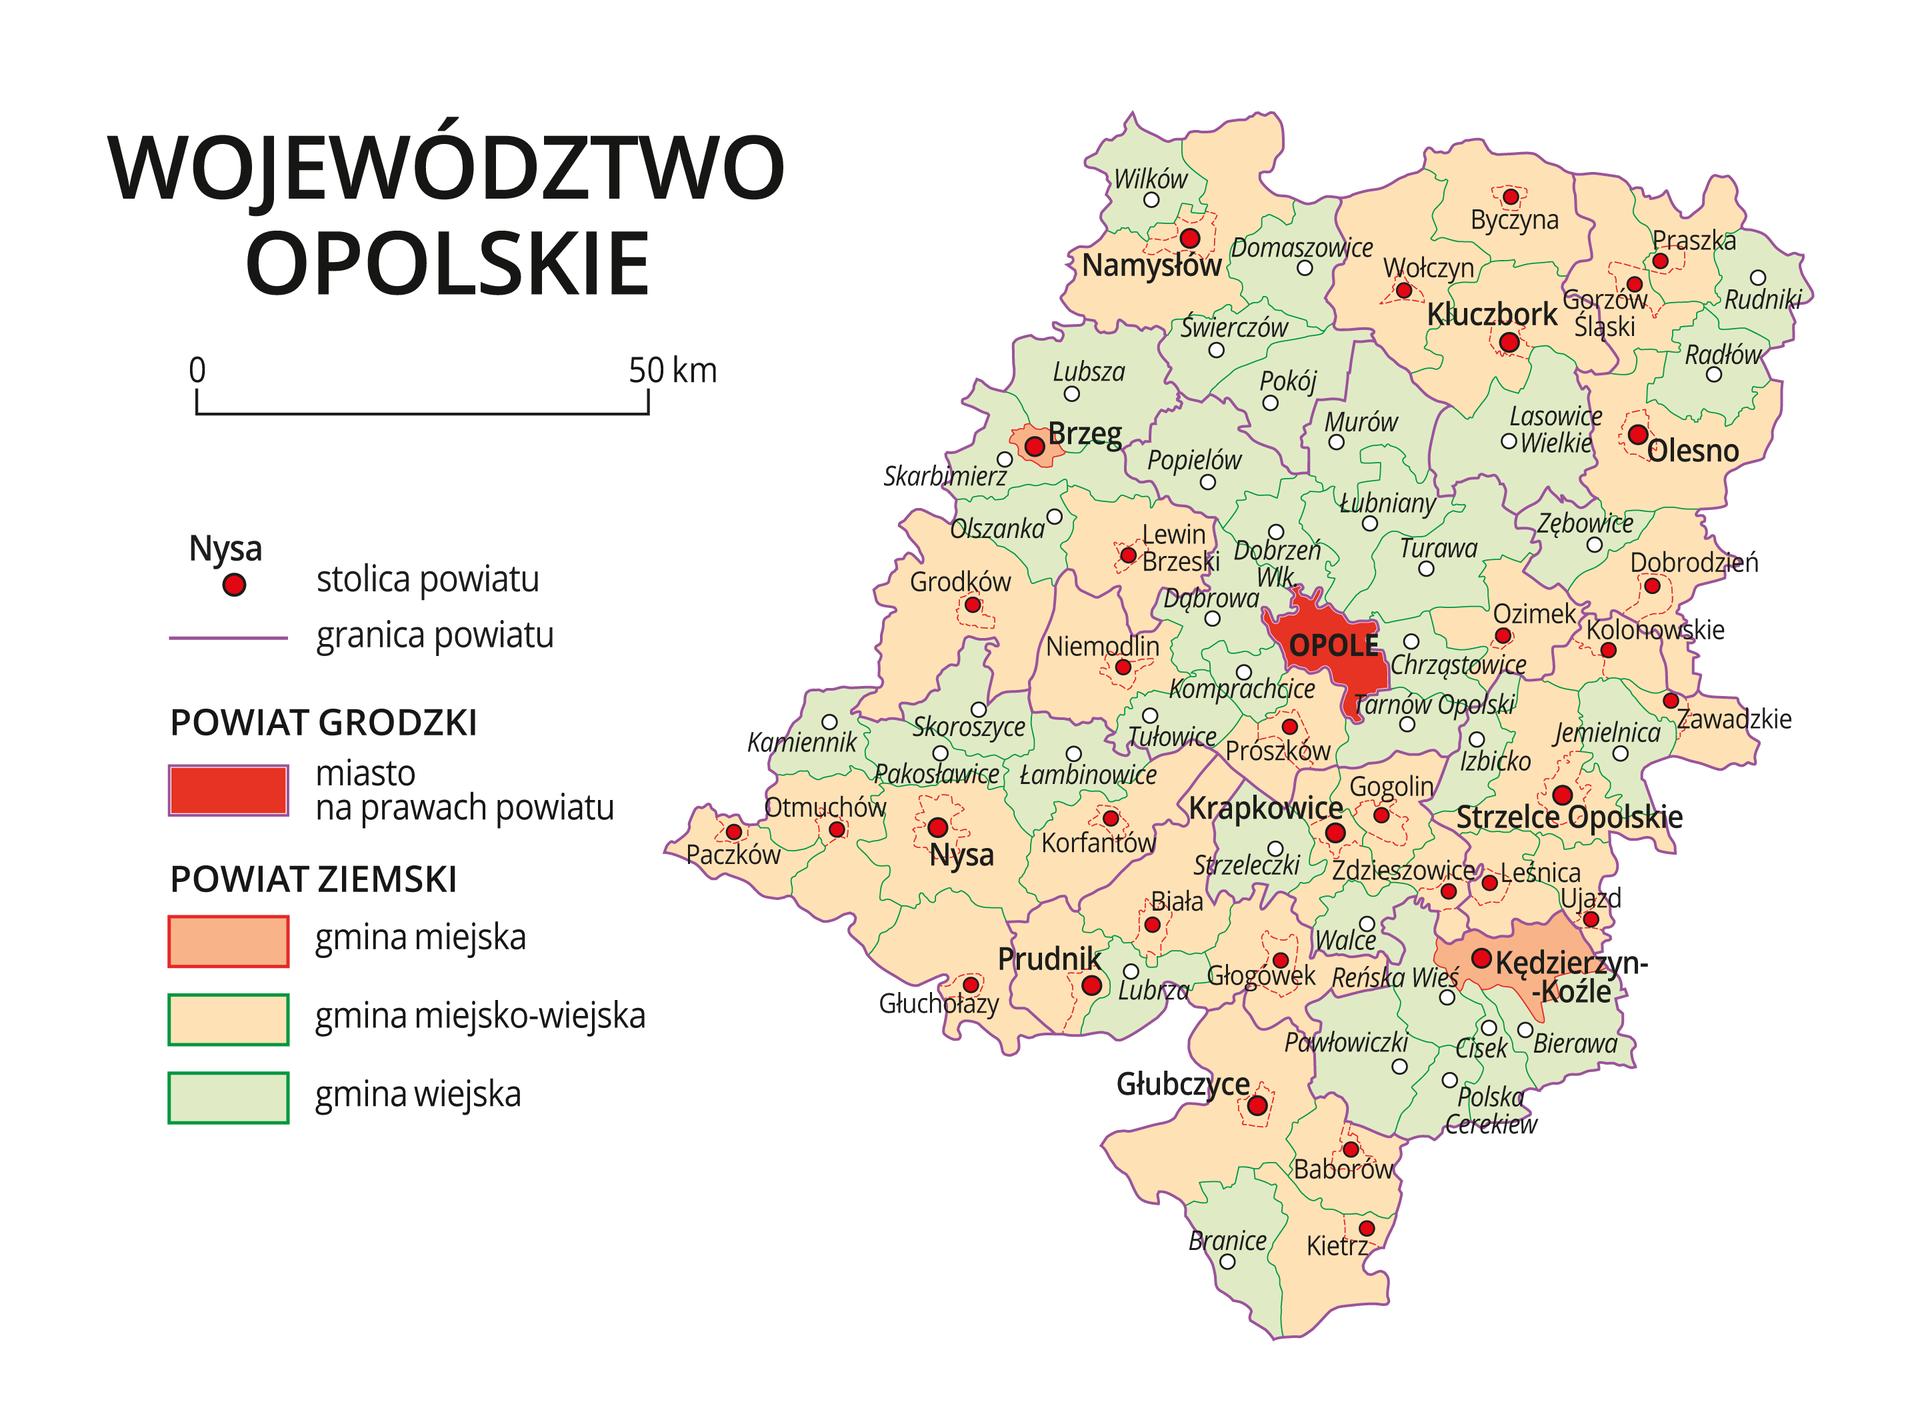 Mapa województwa opolskiego. Na mapie fioletowymi liniami zaznaczono granice powiatów ziemskich, dużymi czerwonymi kropkami zaznaczono miasta będące stolicami powiatów. Wobrębie powiatów ziemskich kolorami wyróżniono gminy miejskie, miejsko-wiejskie iwiejskie. Czerwonym kolorem wyróżniono powiaty grodzkie zmiastami na prawach powiatu, miasta te opisano dużymi literami. Kolory iznaki użyte na mapie opisano wlegendzie. Wlegendzie podziałka liniowa.